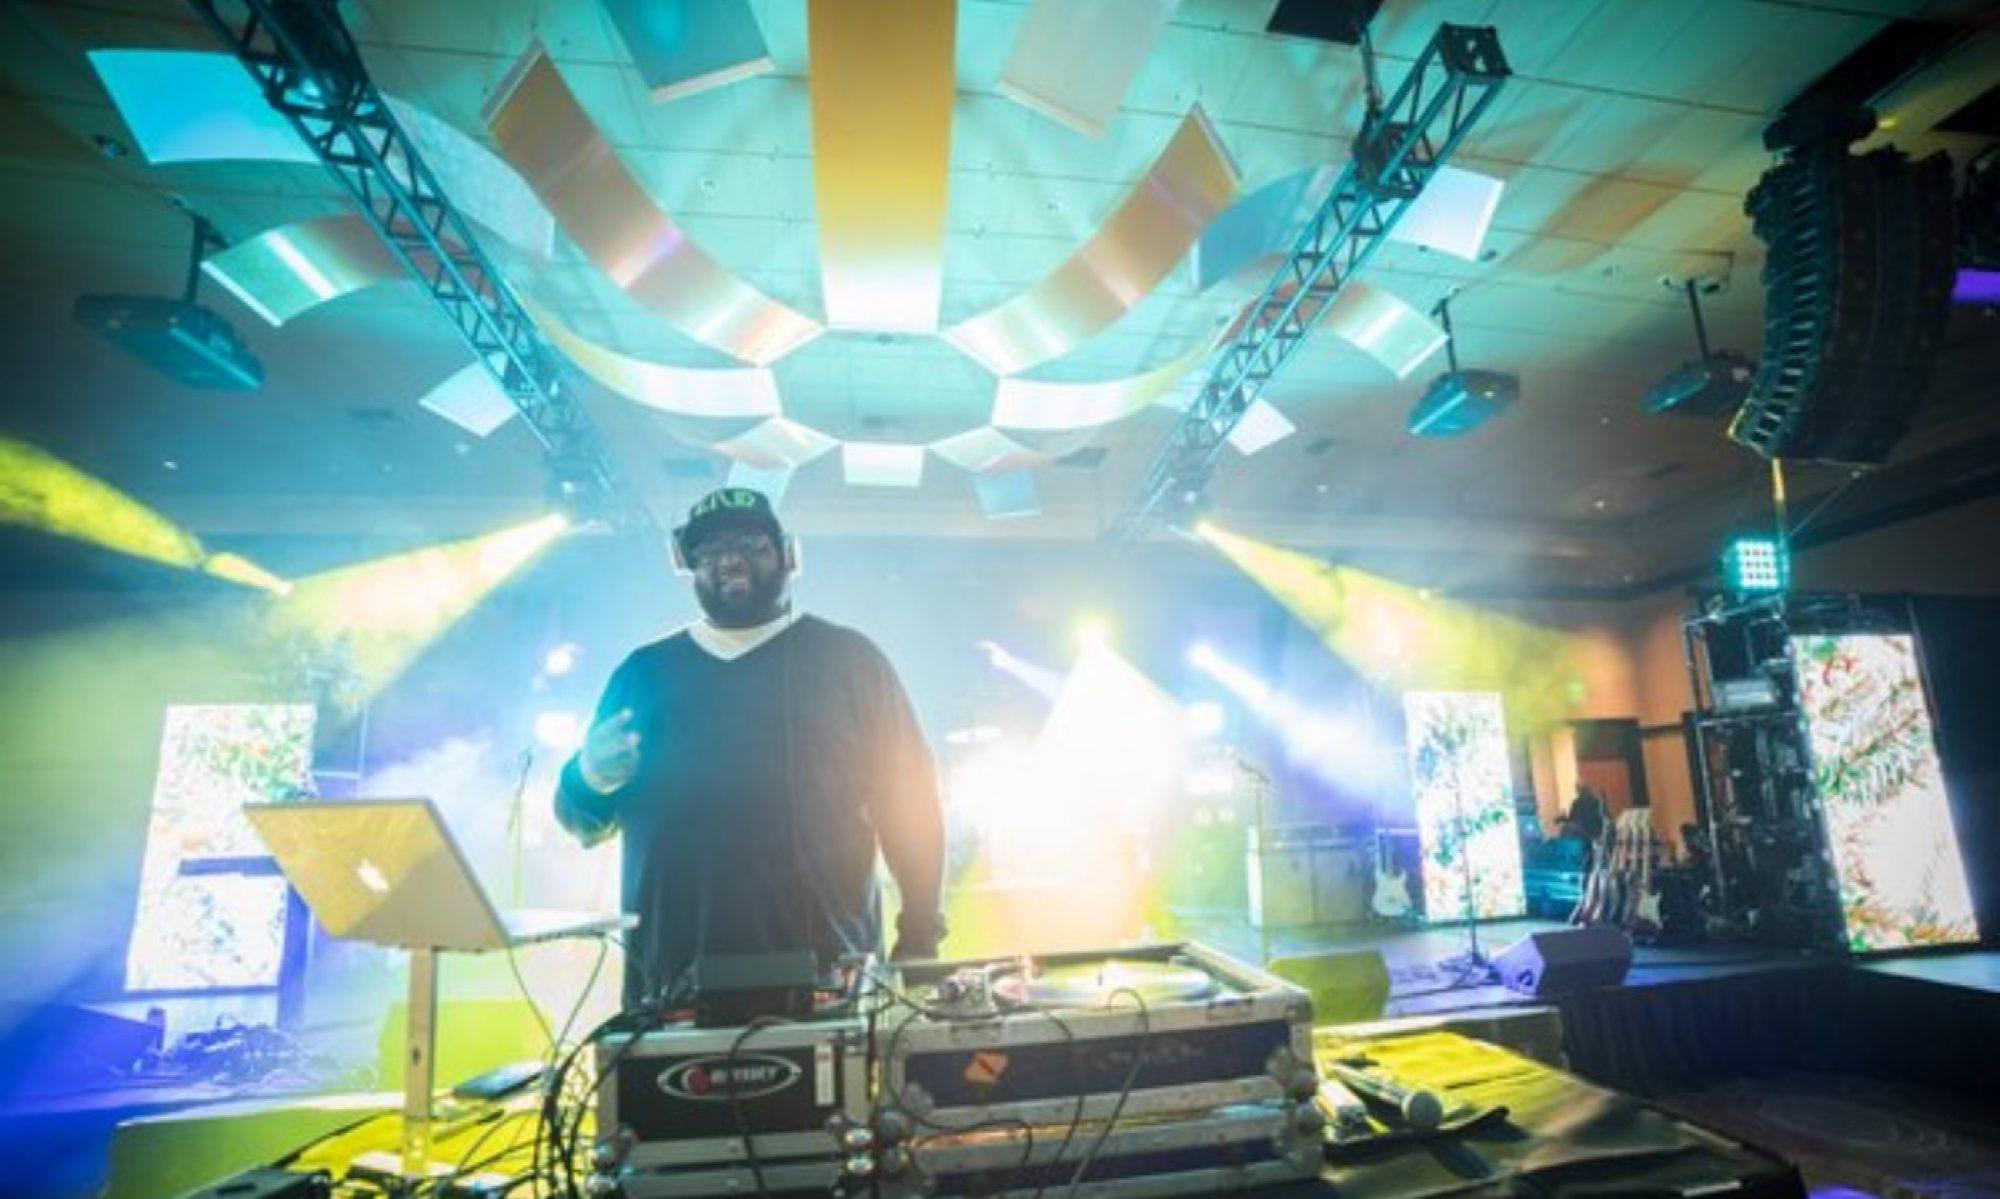 DJ KUN LUV